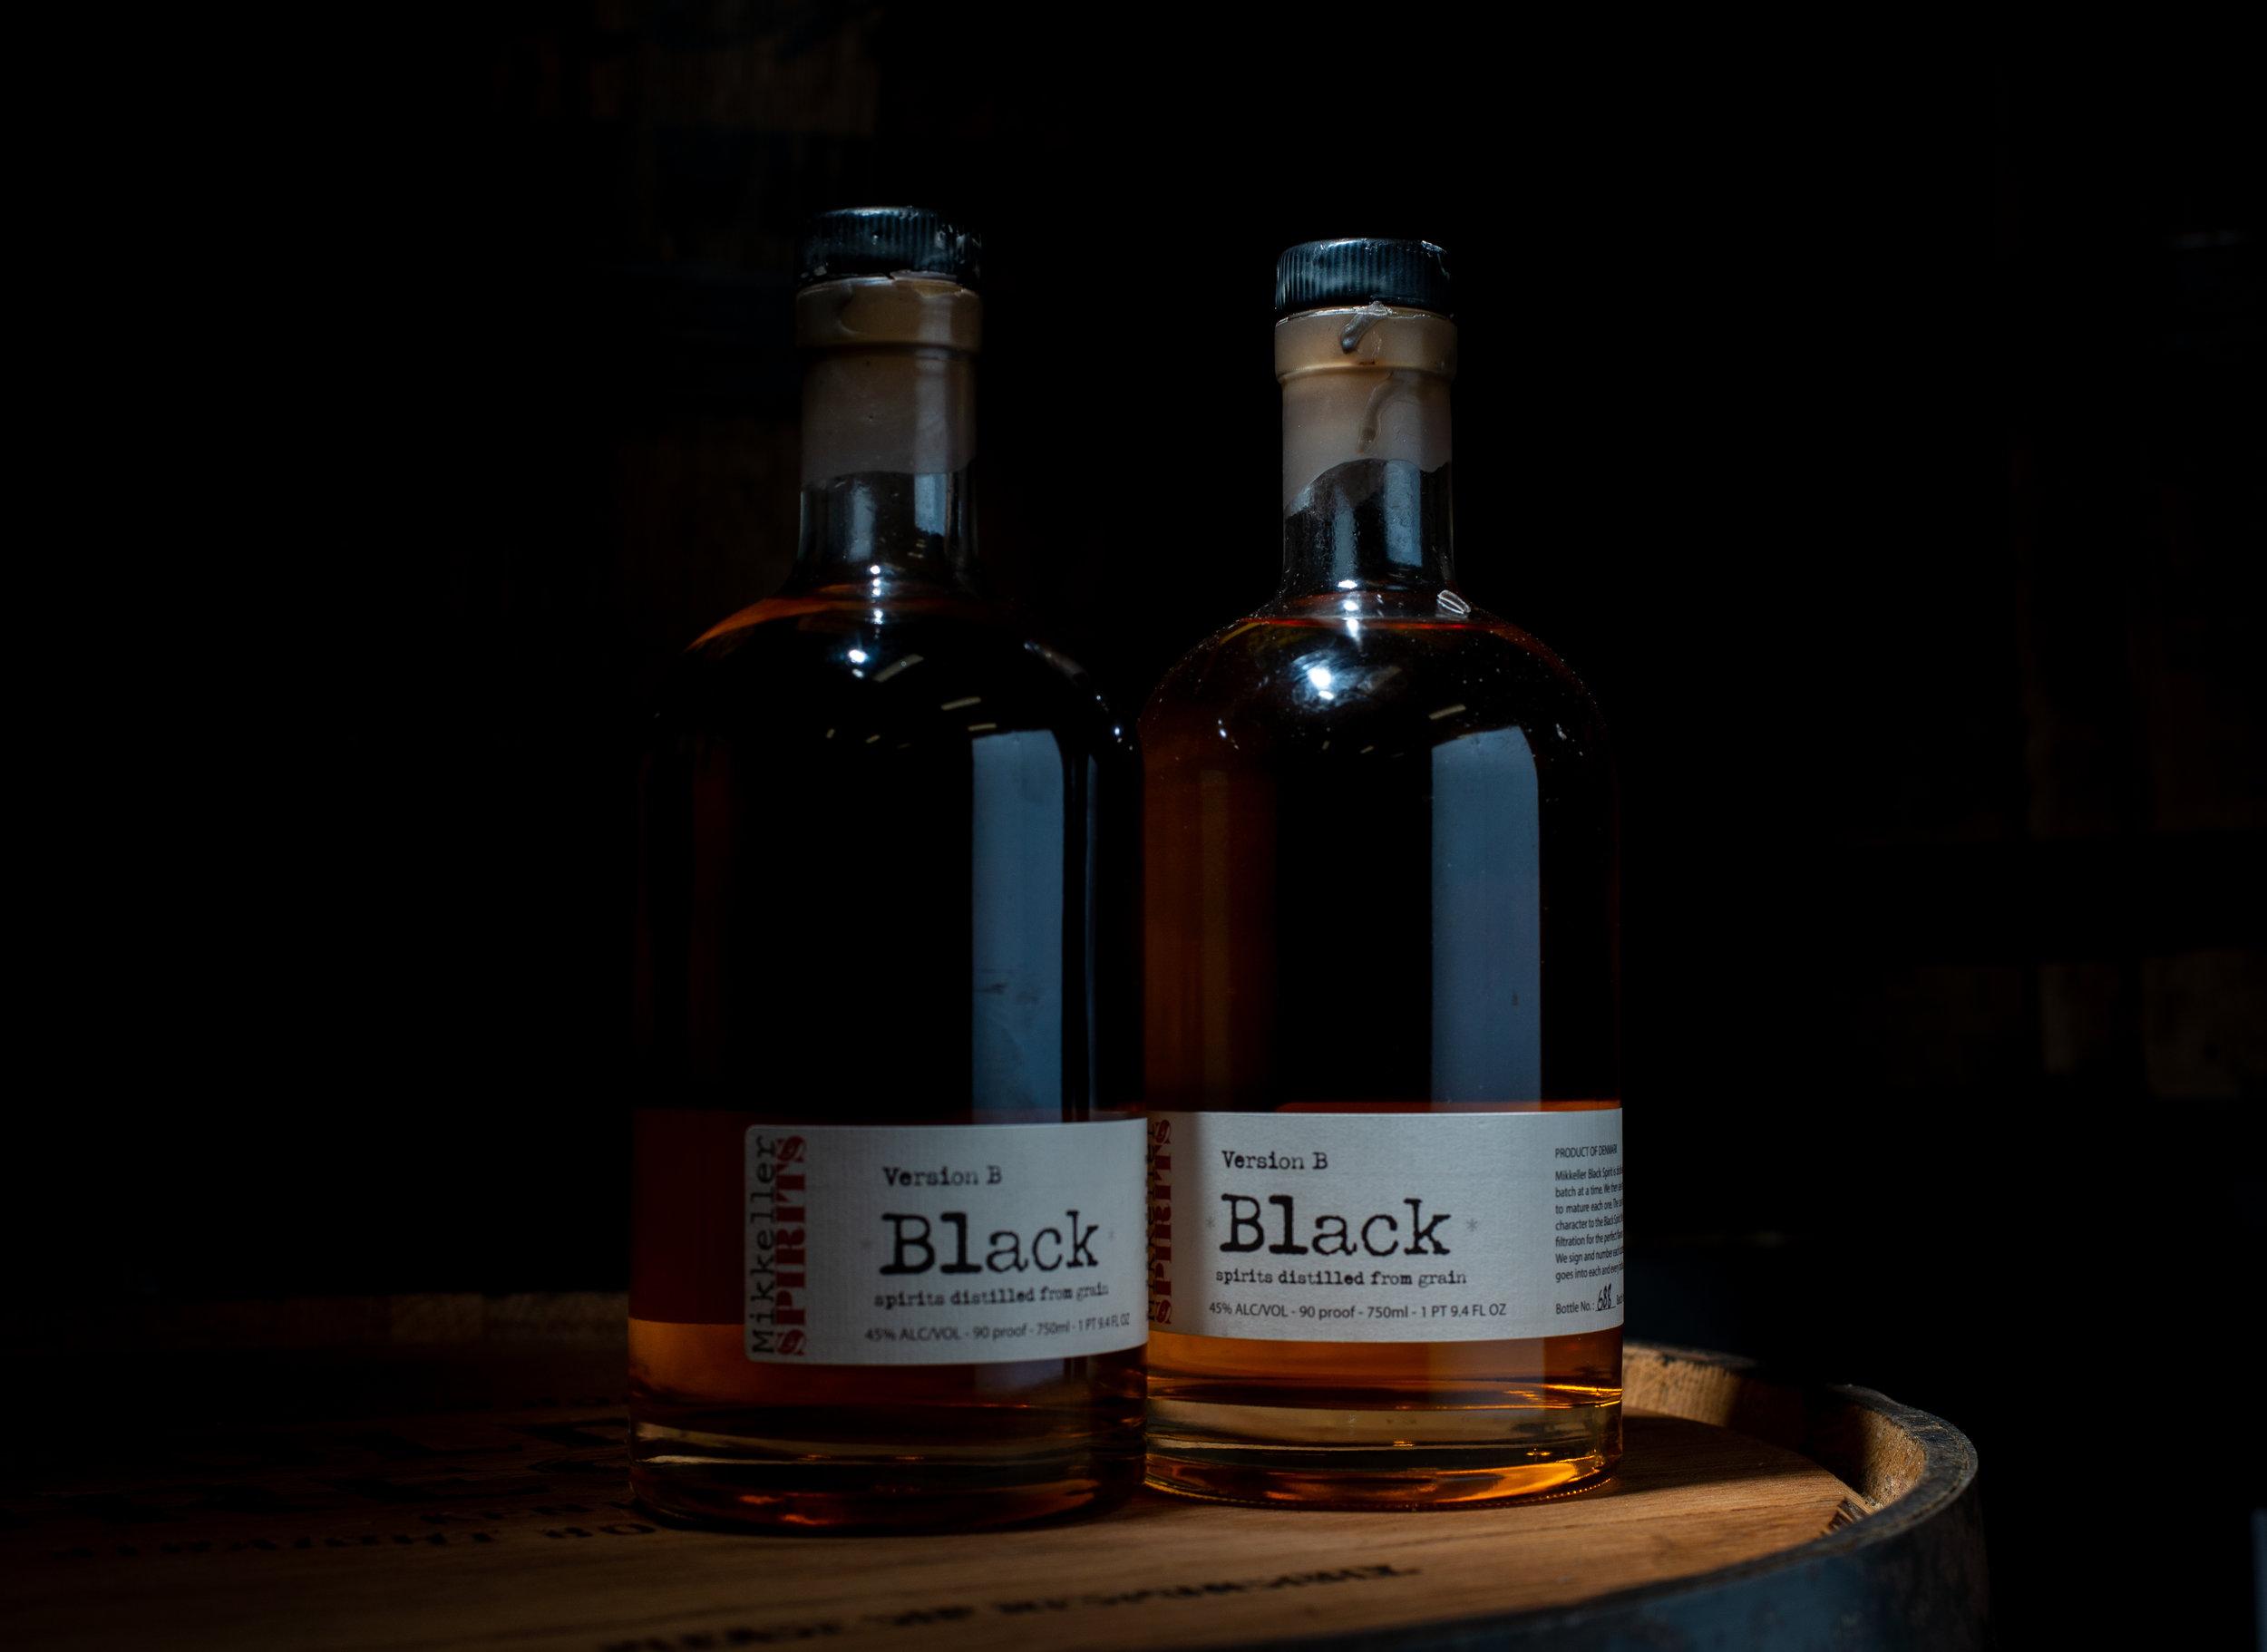 mikkeller black bourbon version b